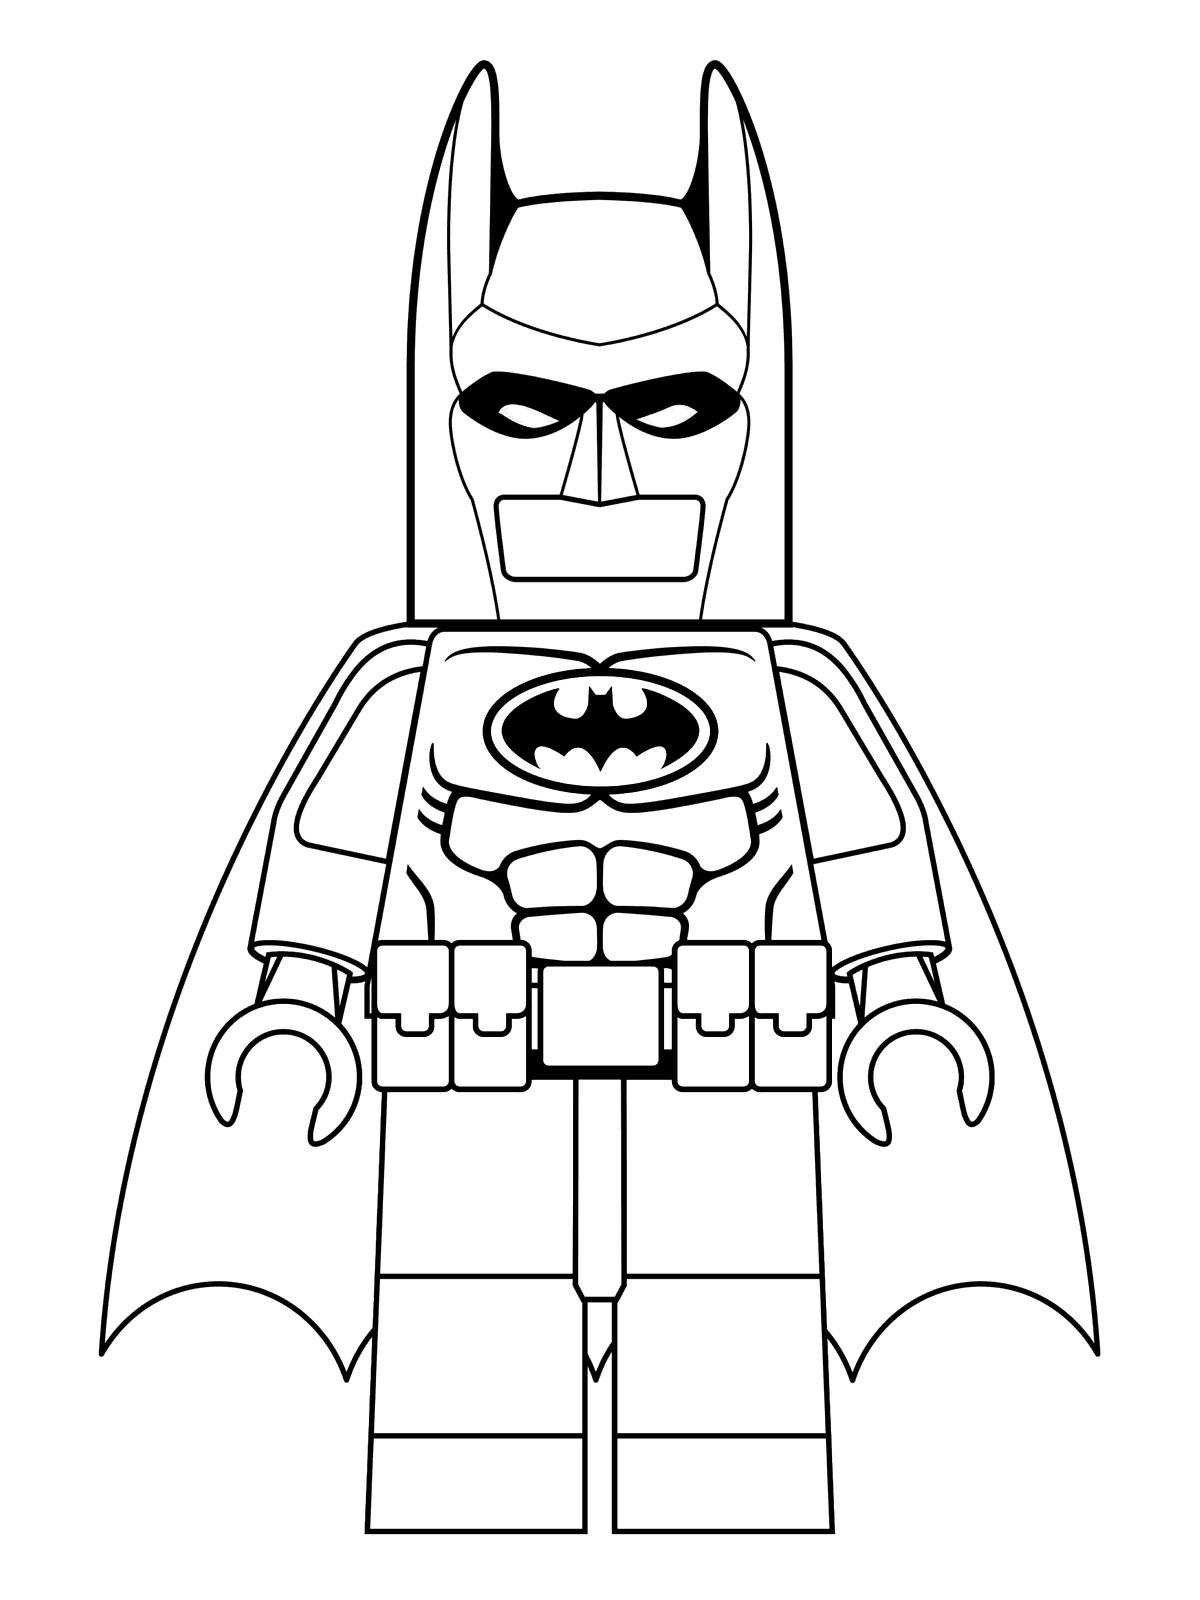 Stampa E Colora Disney Ispiratore Disegno 1 Di Lego Batman Da Colorare Of Stampa E Colora Dis Disegni Da Colorare Lego Lego Batman Disegno Di Batman